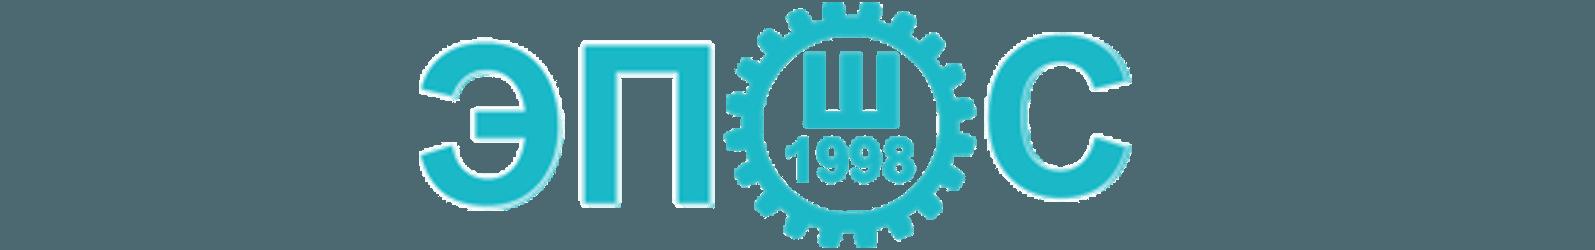 Завод «ЭПОС» — Липецк | Производство и продажа профилегибочного оборудования